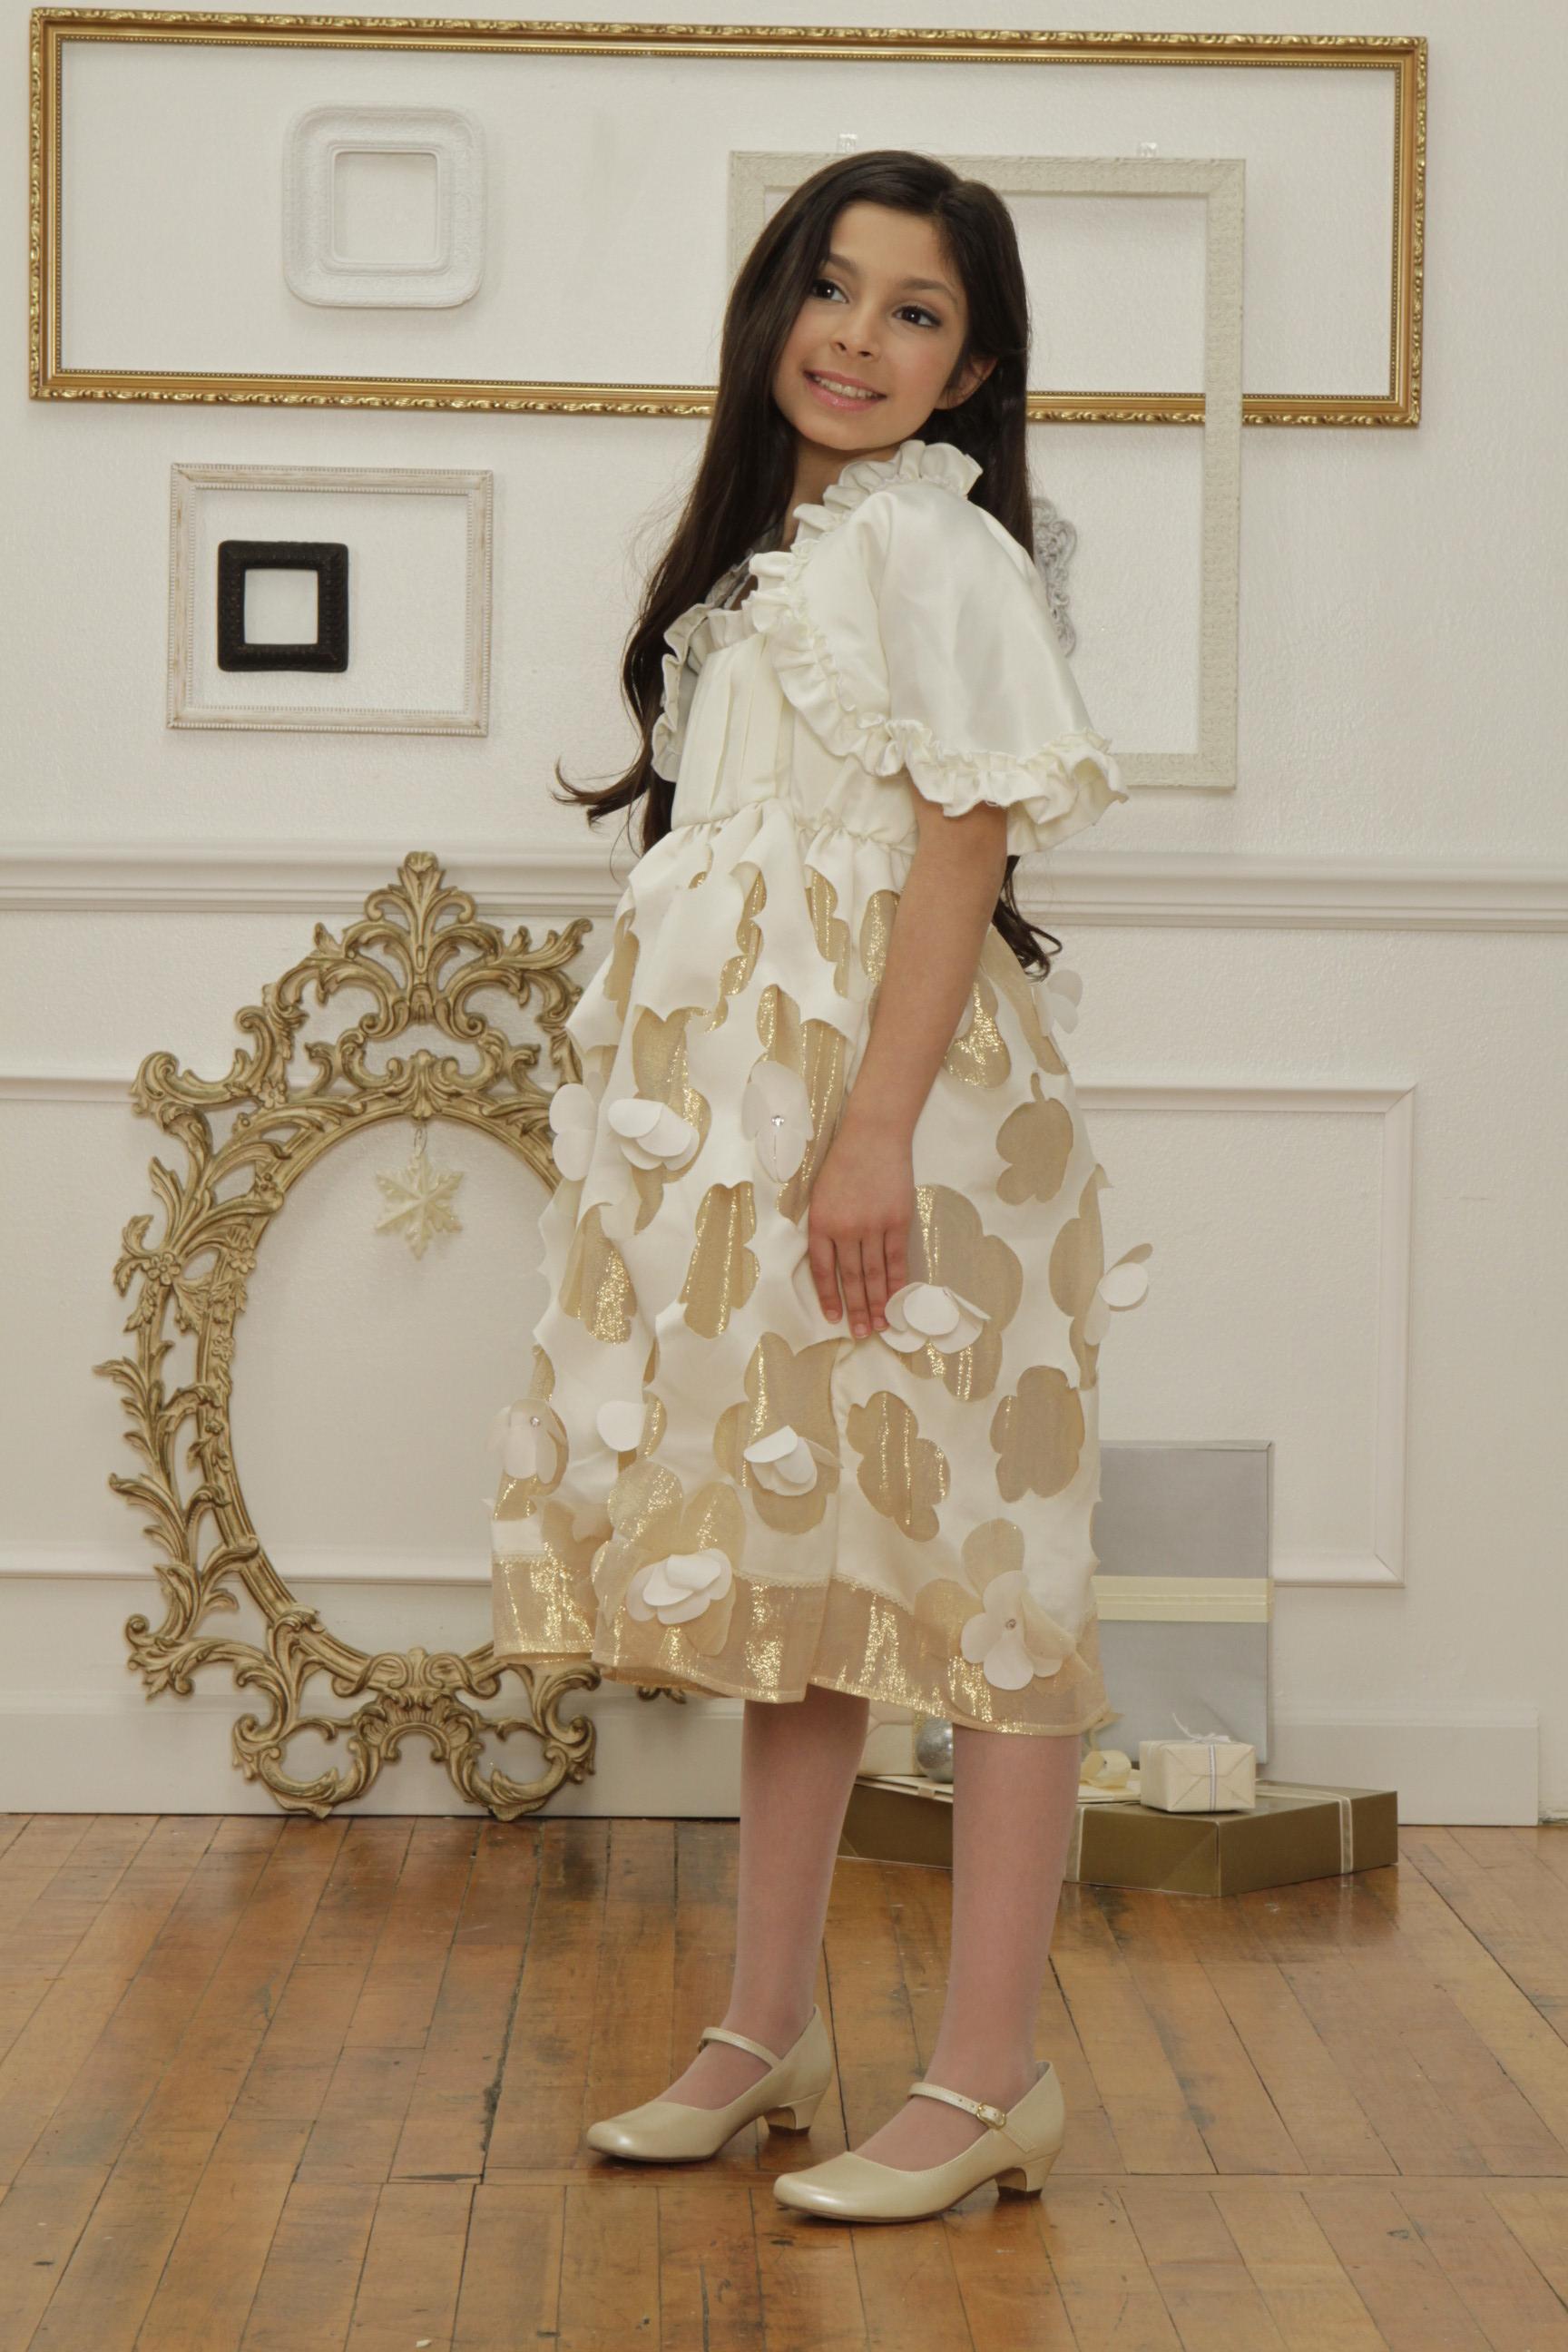 GABRIELLA'S DRESS